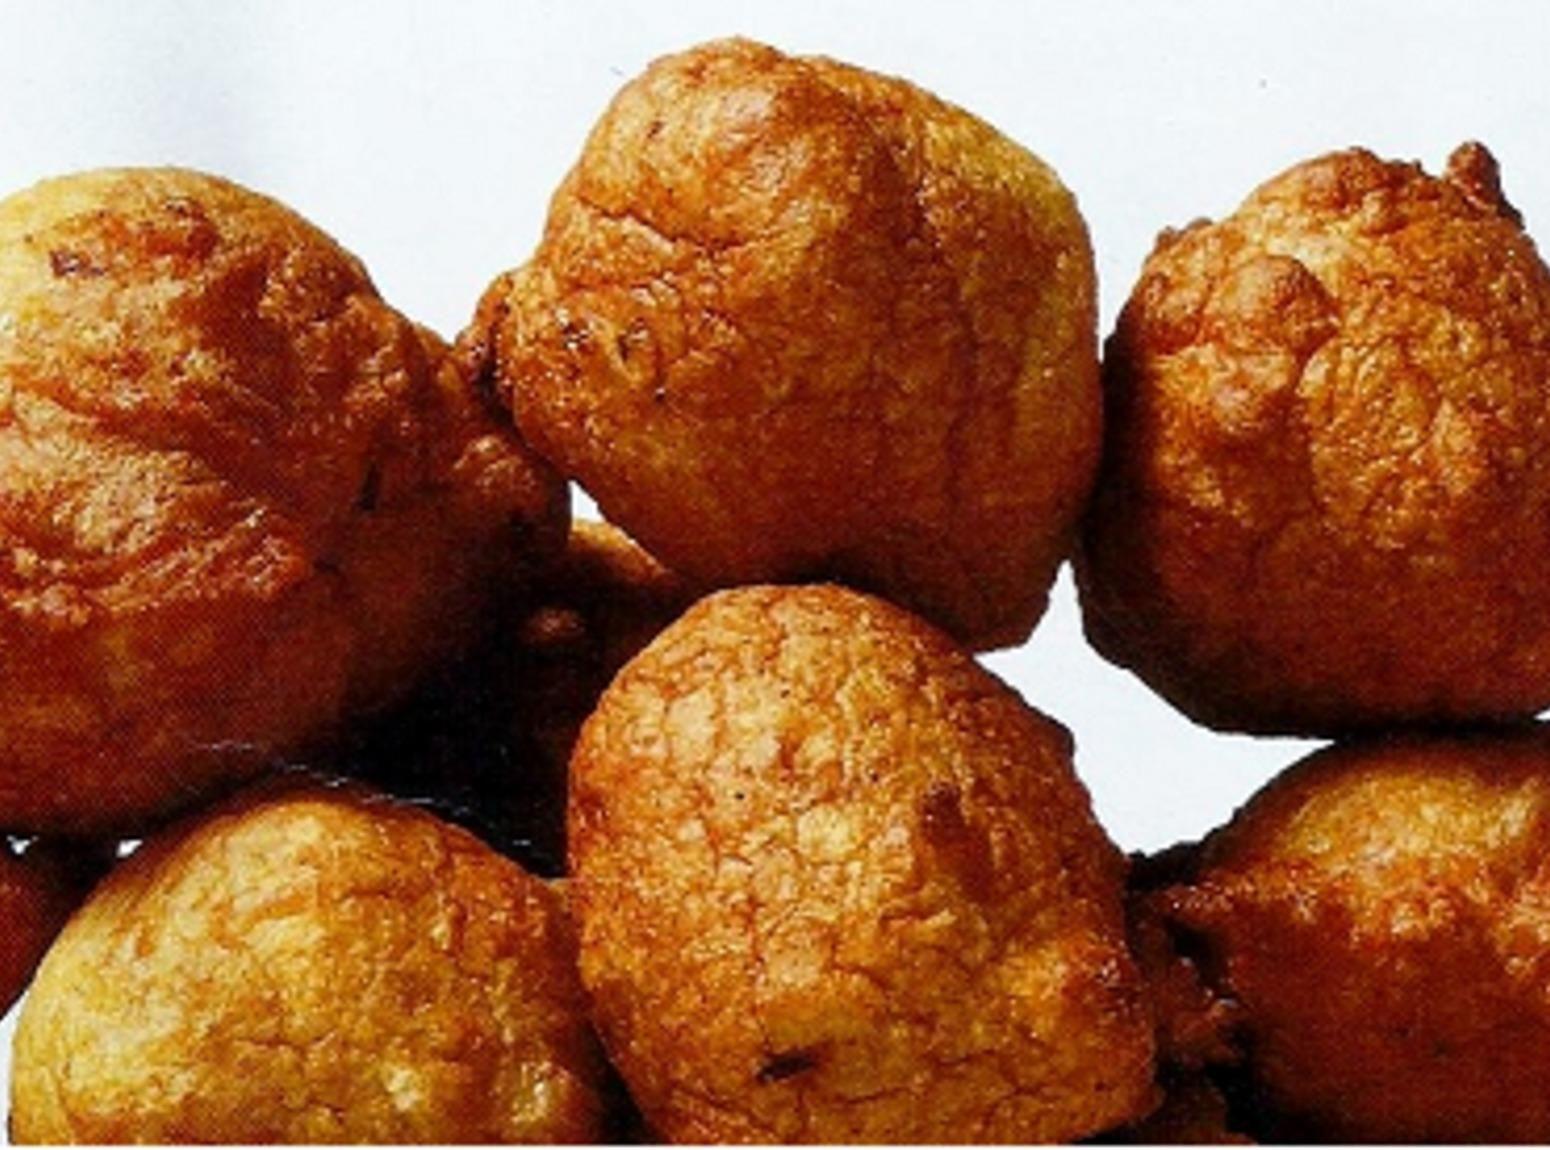 Copycat Long John Silvers Hushpuppies Recipe Hush Puppies Recipe Copykat Recipes Food Recipes